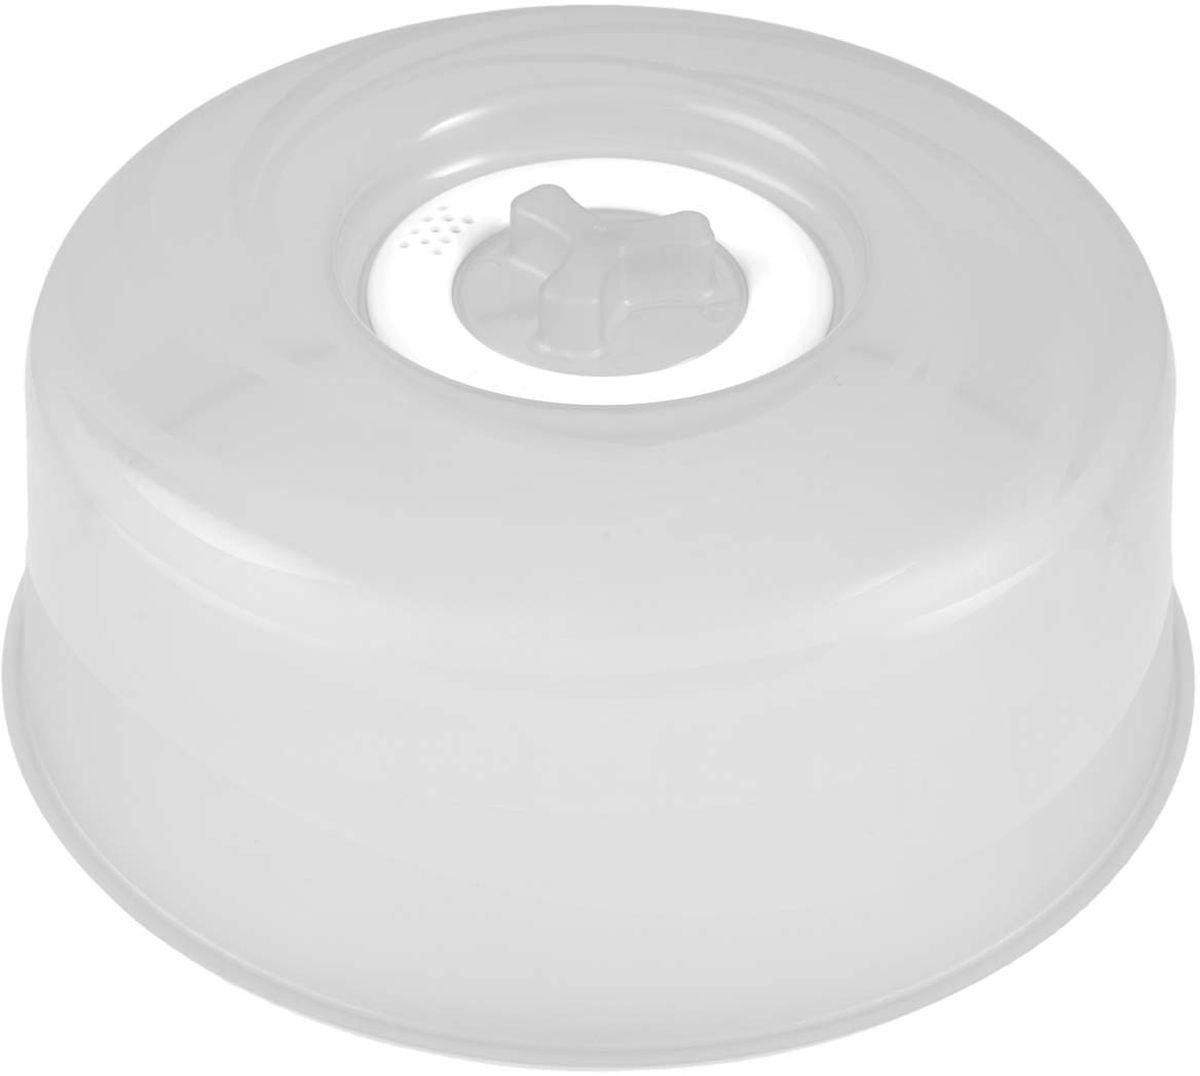 Крышка для СВЧ Plastic Centre Galaxy, с паровыпускным клапаном, цвет: прозрачный, диаметр 25 смПЦ2290ПРКрышка для СВЧ ? необходимая вещь в каждом хозяйстве. Наша крышка для СВЧ с паровыпускным клапаном предохраняет внутреннюю поверхность микроволновой печи от брызг во время разогрева пищи. Изготовлена из высококачественного пищевого пластика.